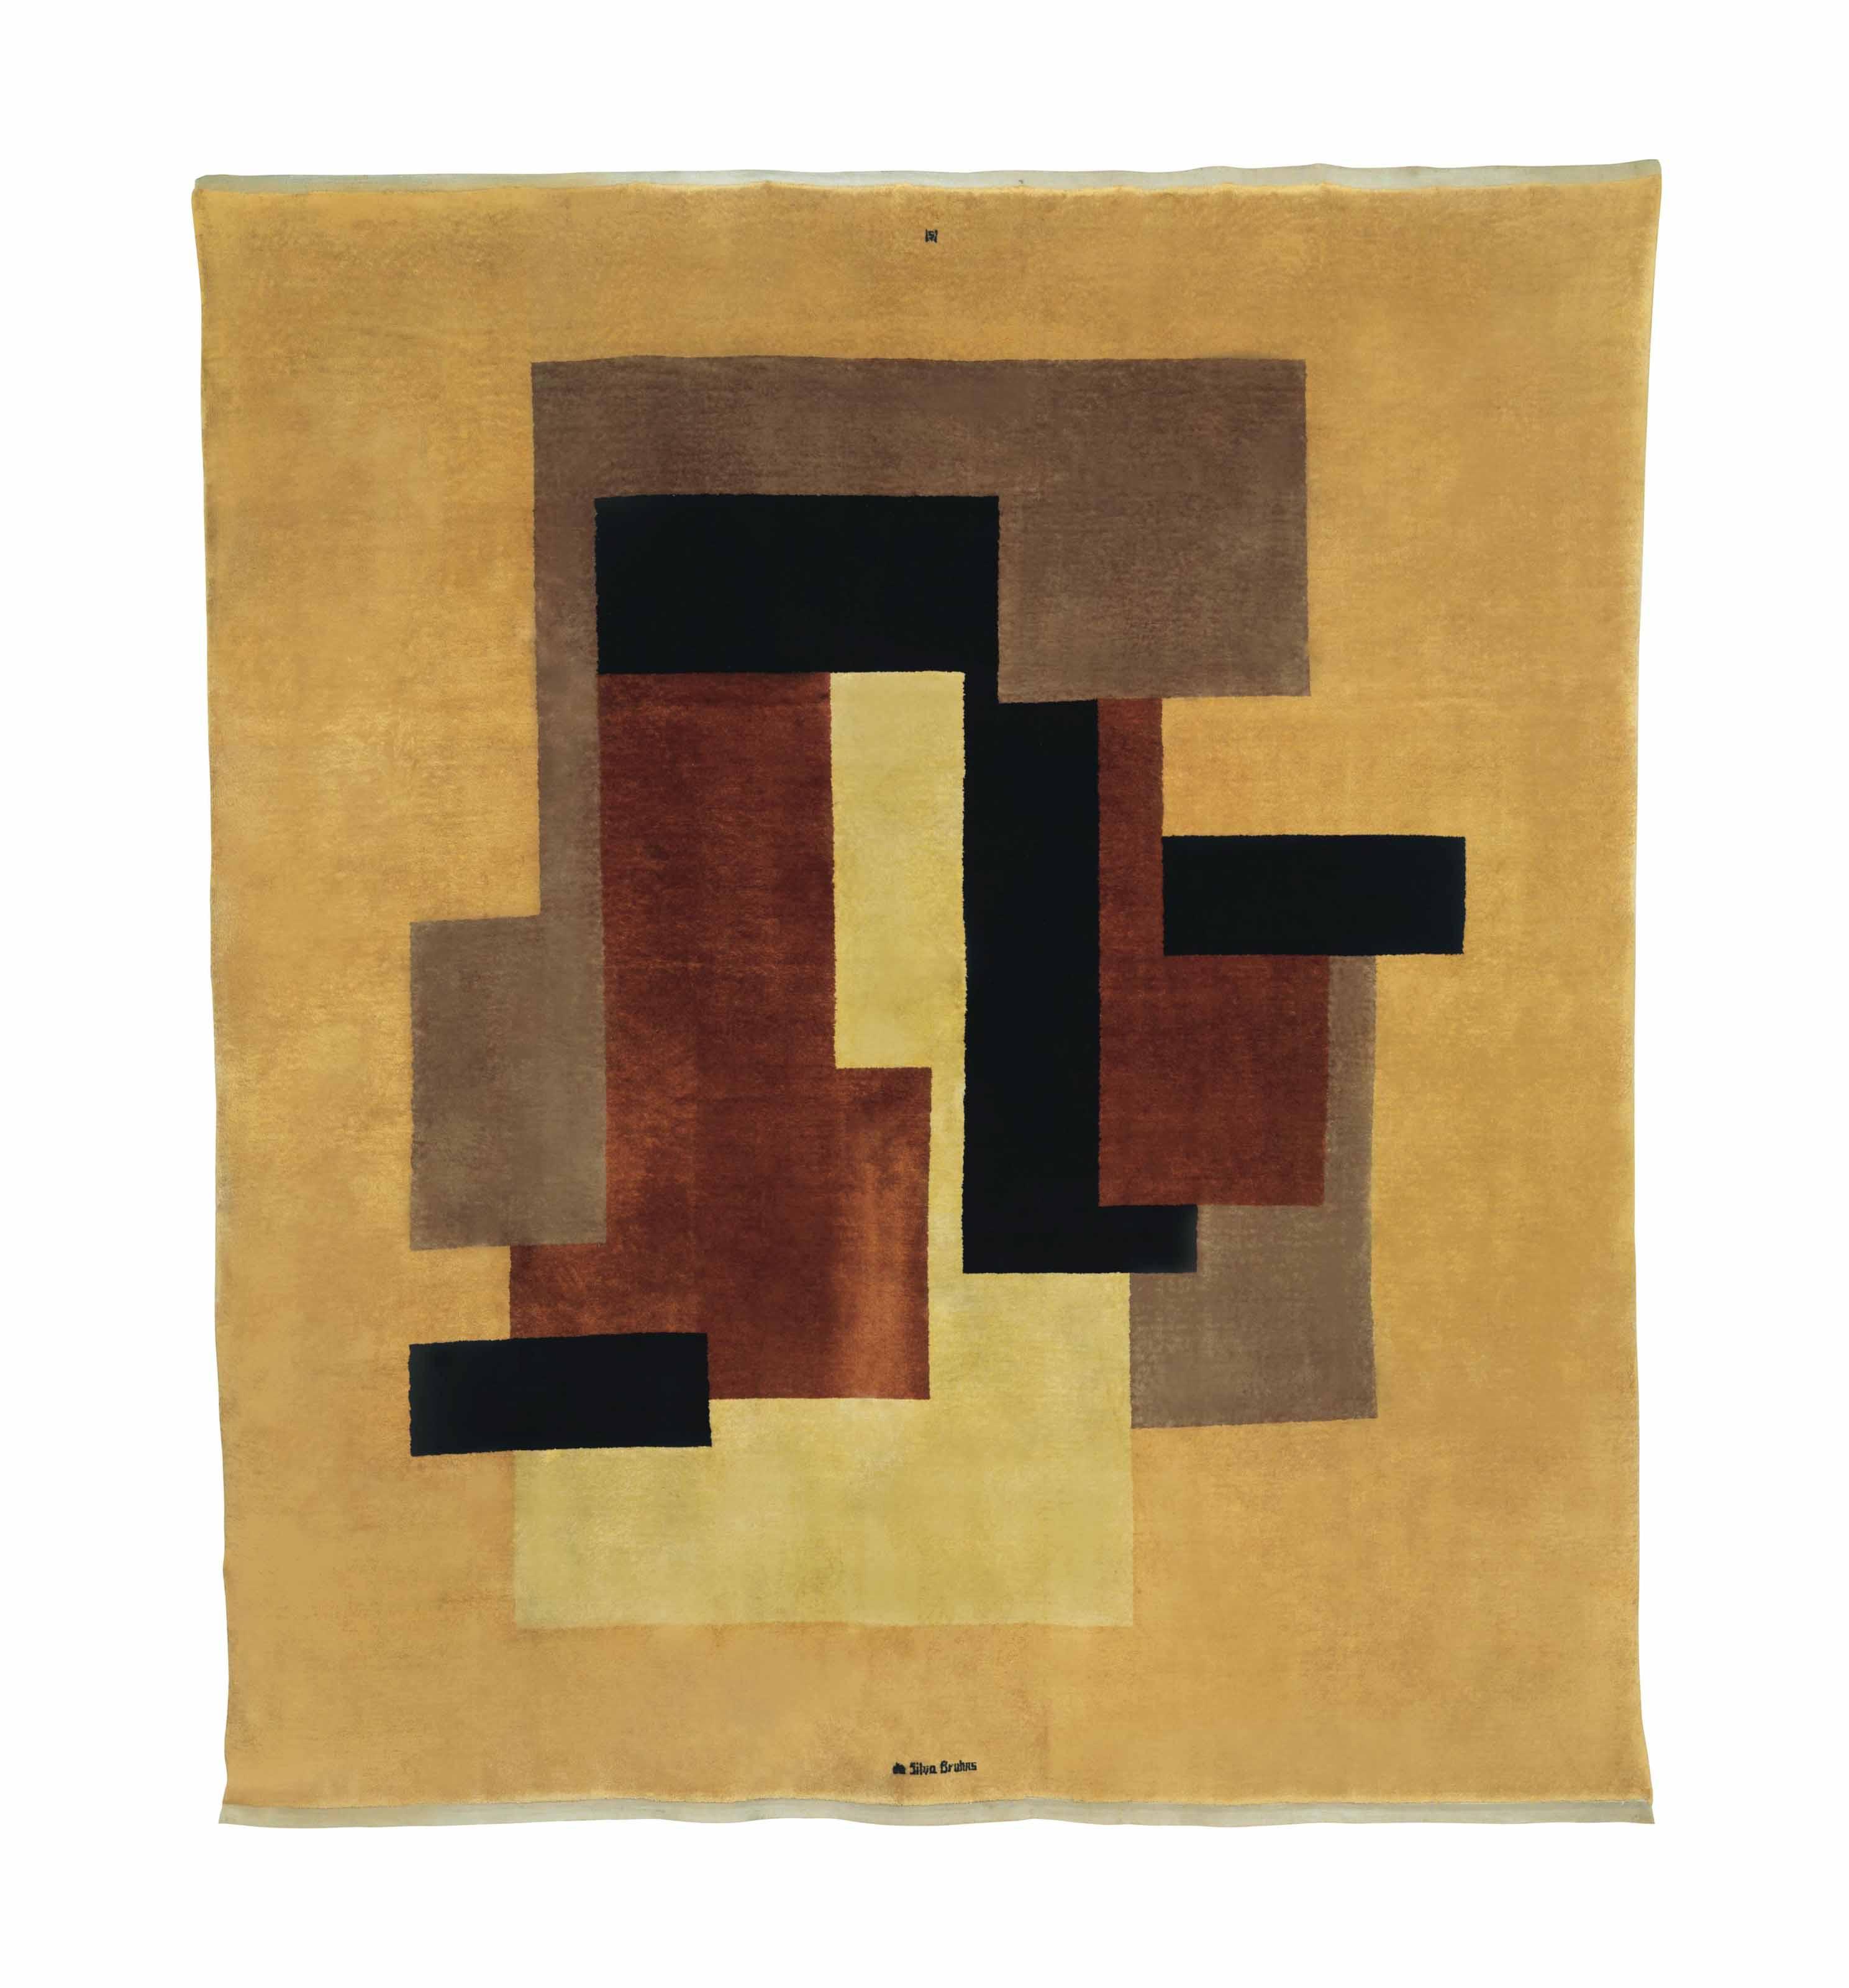 IVAN DA SILVA-BRUHNS (1881-1980)